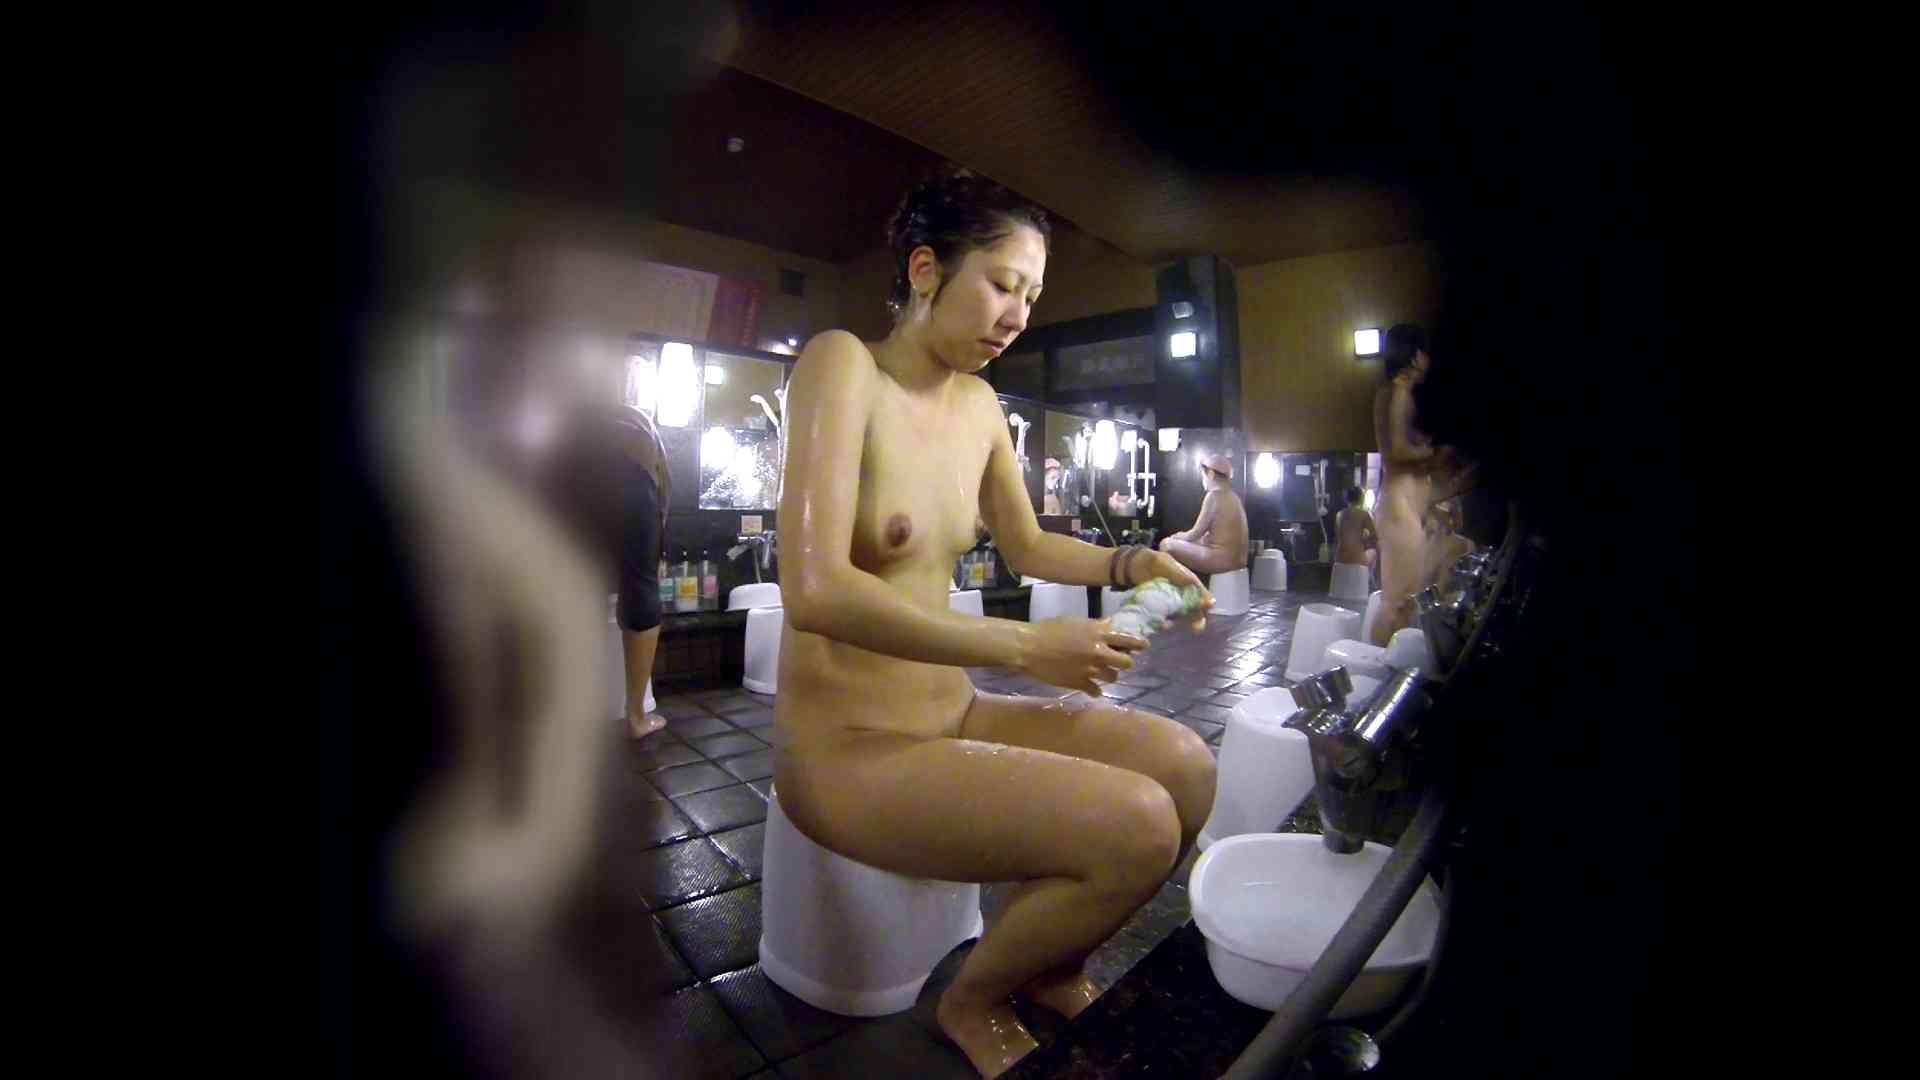 洗い場!綺麗に整えられた陰毛に嫉妬します。 女湯の中 われめAV動画紹介 82画像 22